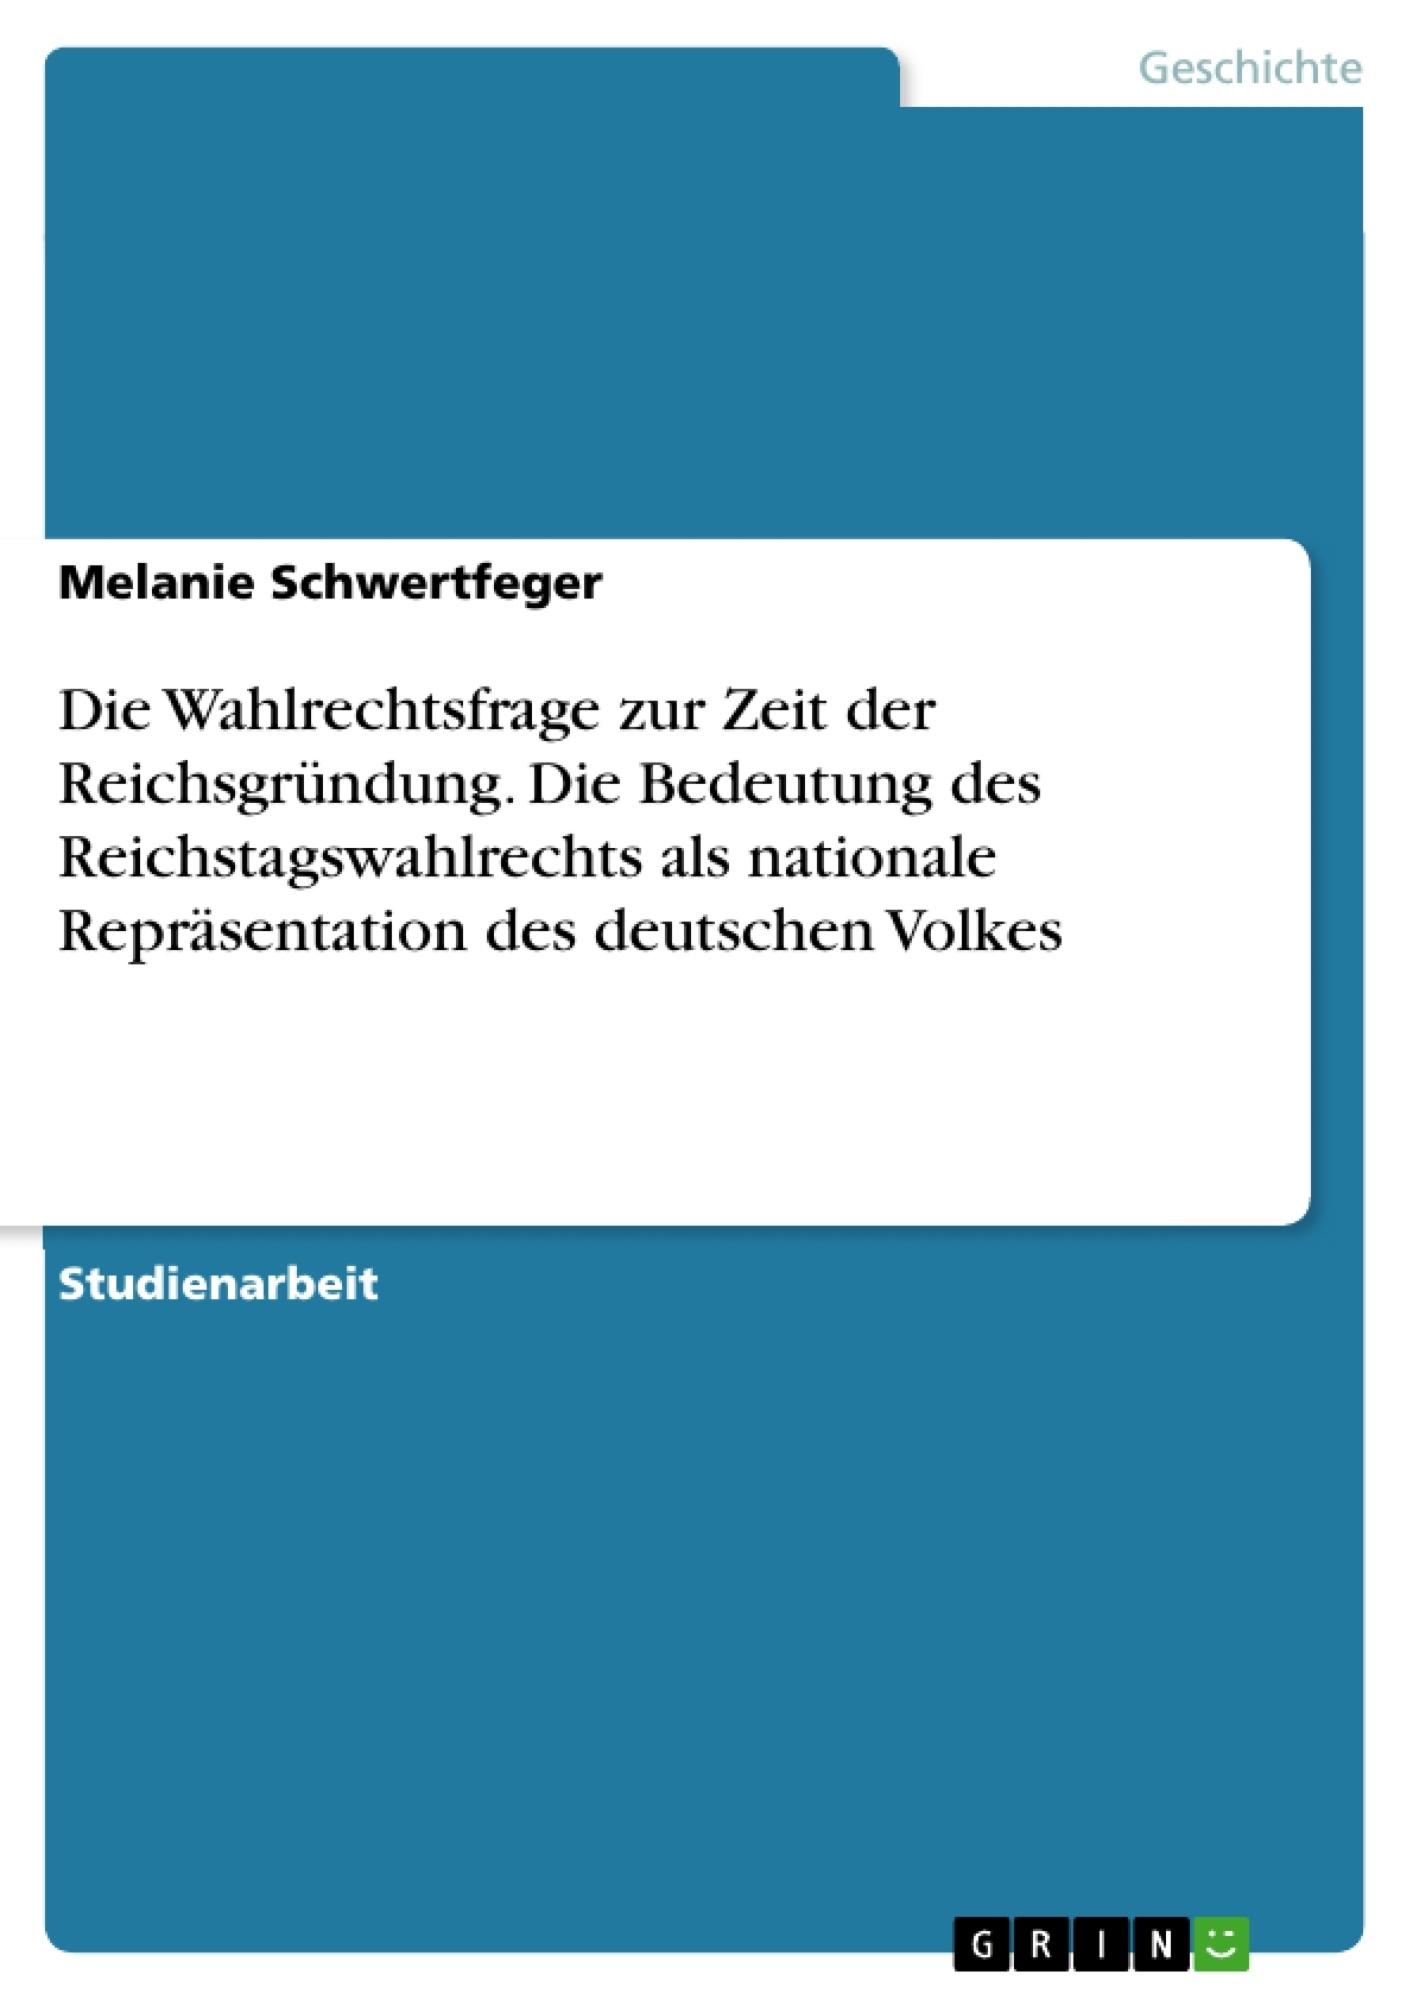 Titel: Die Wahlrechtsfrage zur Zeit der Reichsgründung. Die Bedeutung des Reichstagswahlrechts als nationale Repräsentation des deutschen Volkes